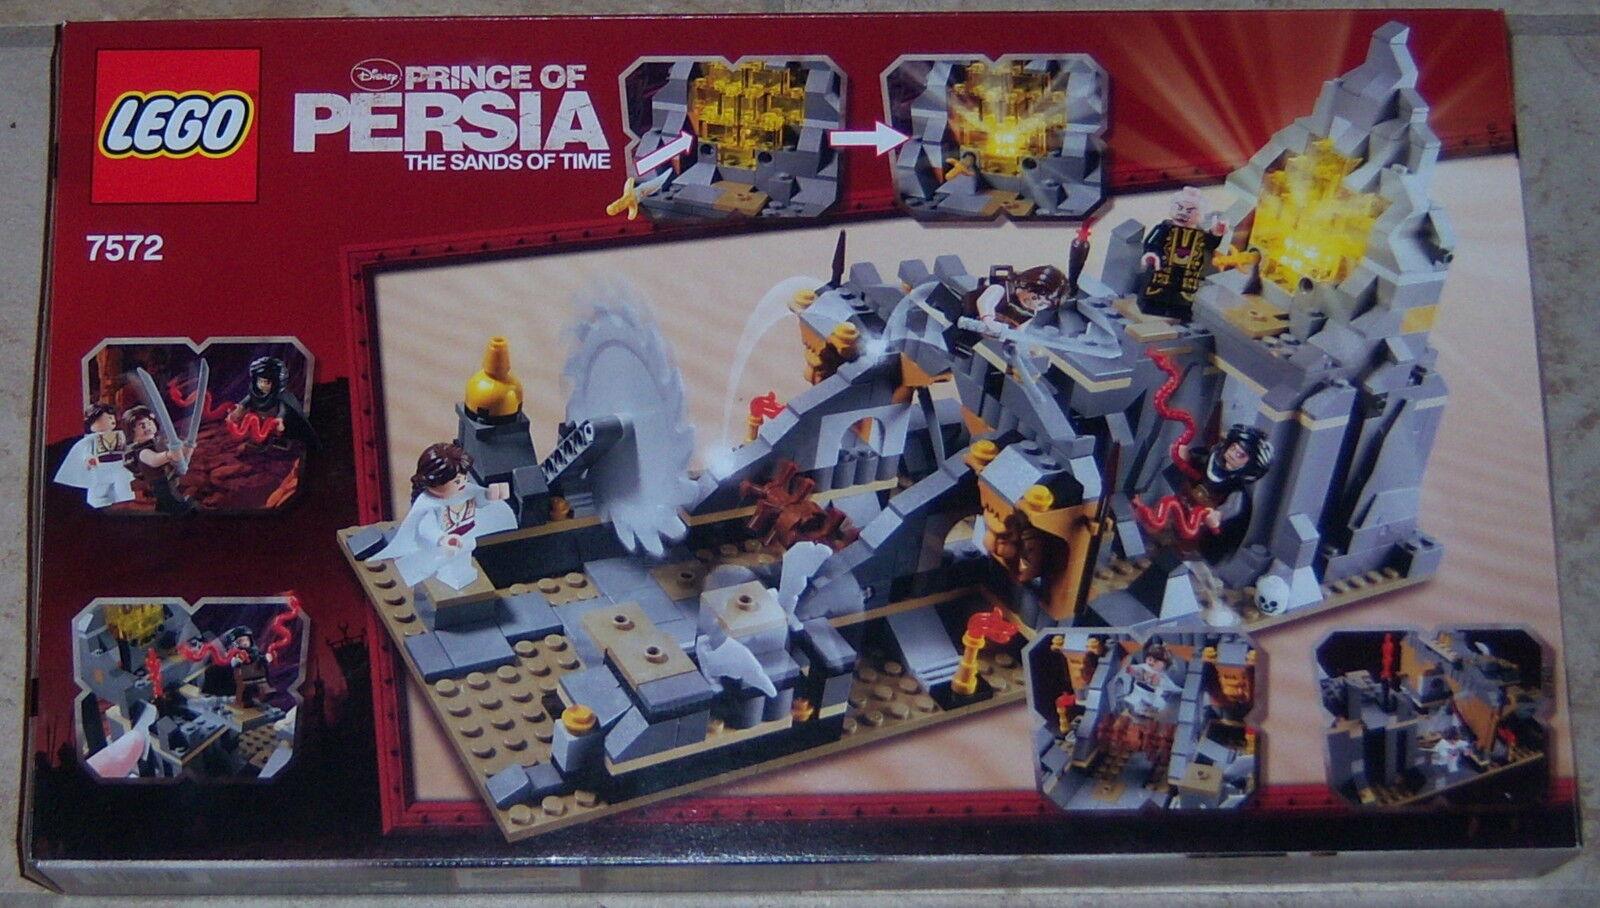 Juego De Lego 7572 Quest contra el tiempo Prince of Persia 506pc Como Nuevo Caja Sellada Nuevo